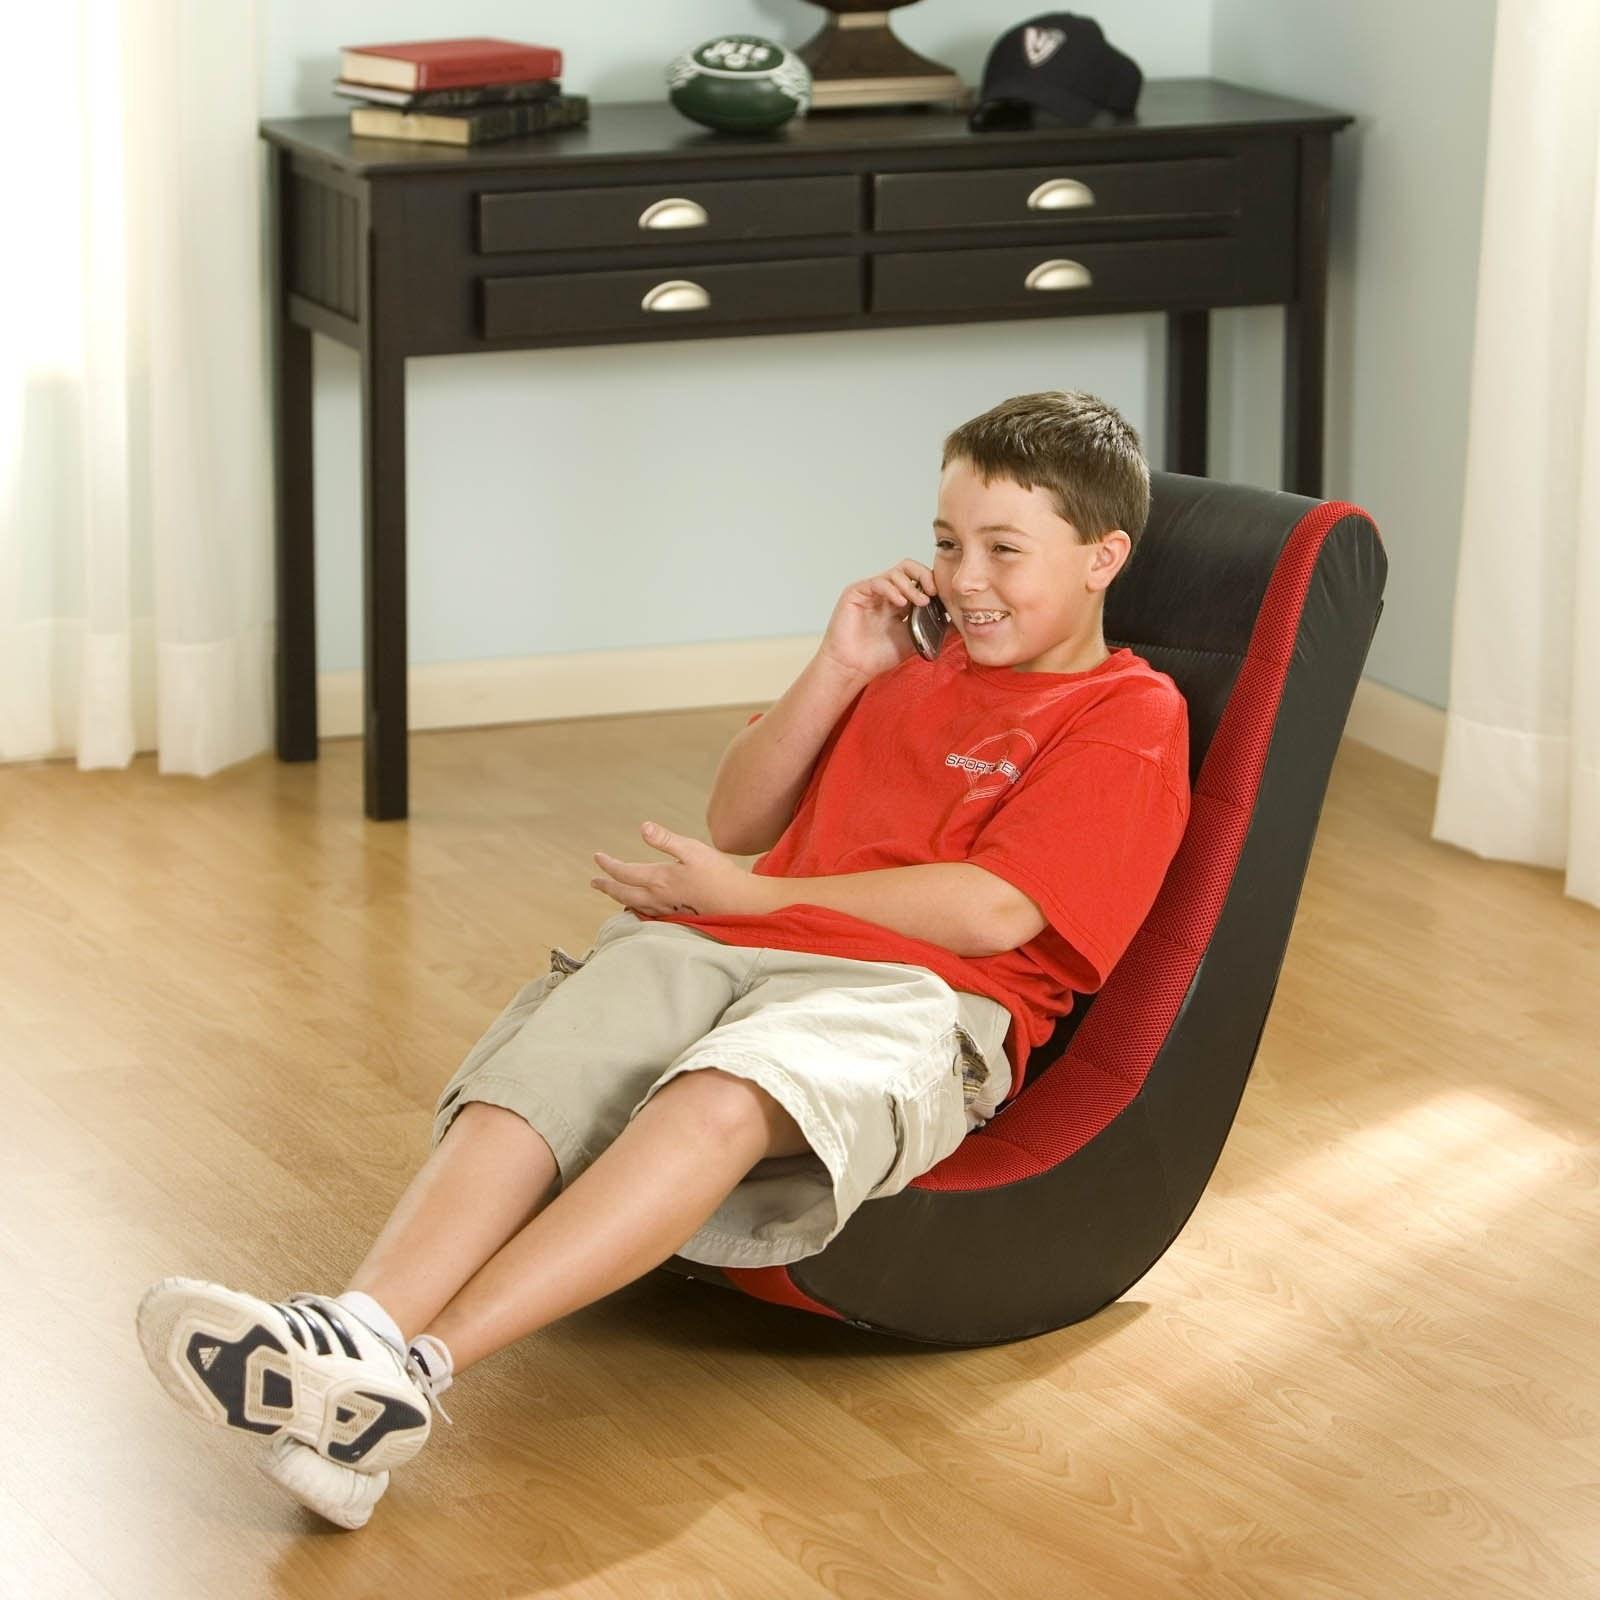 """模型坐在红色和黑色的游戏椅子上,而他们的电话交谈""""class="""